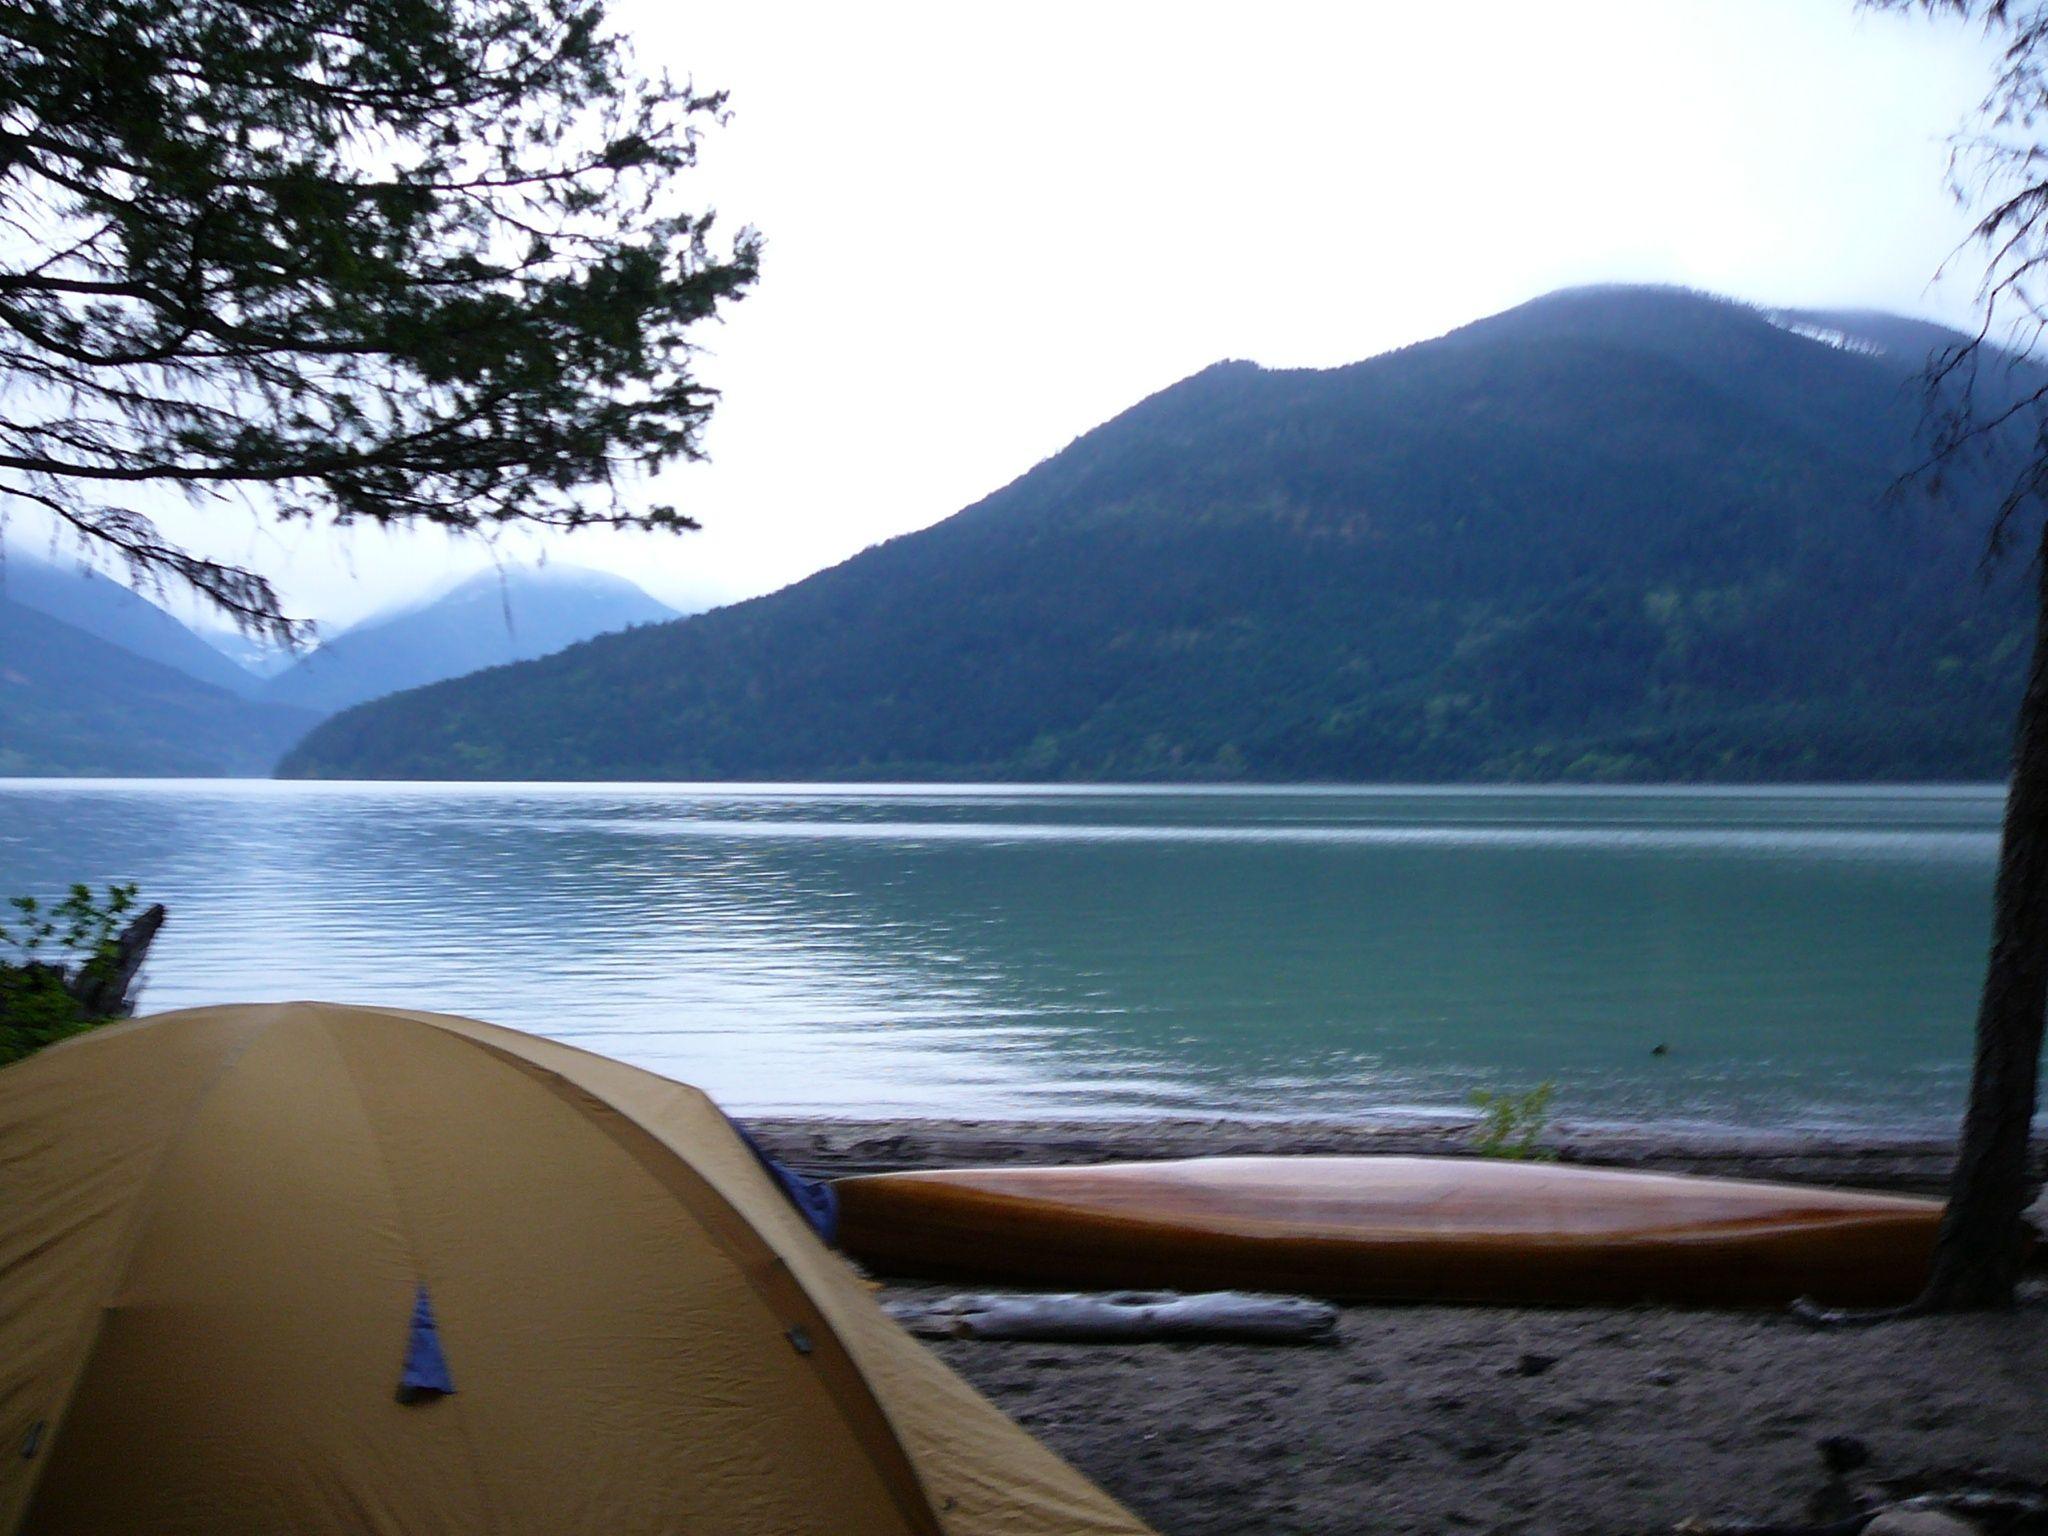 Camping at lillooet lake British Columbia